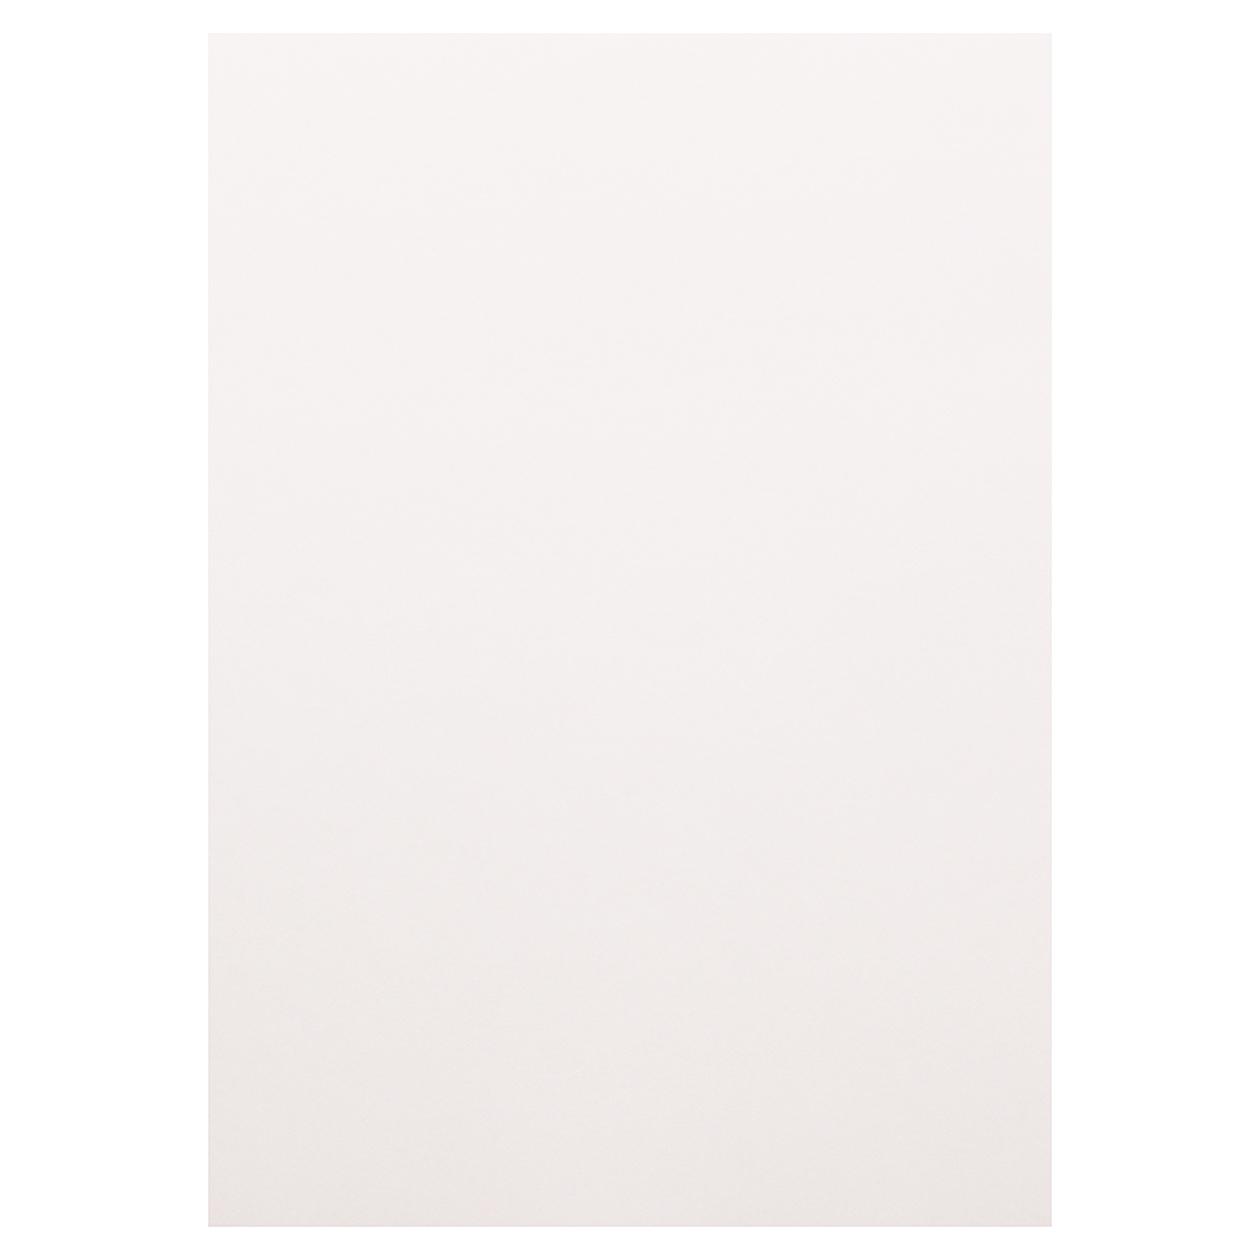 A4シート HAGURUMA Basic プレインホワイト 100g